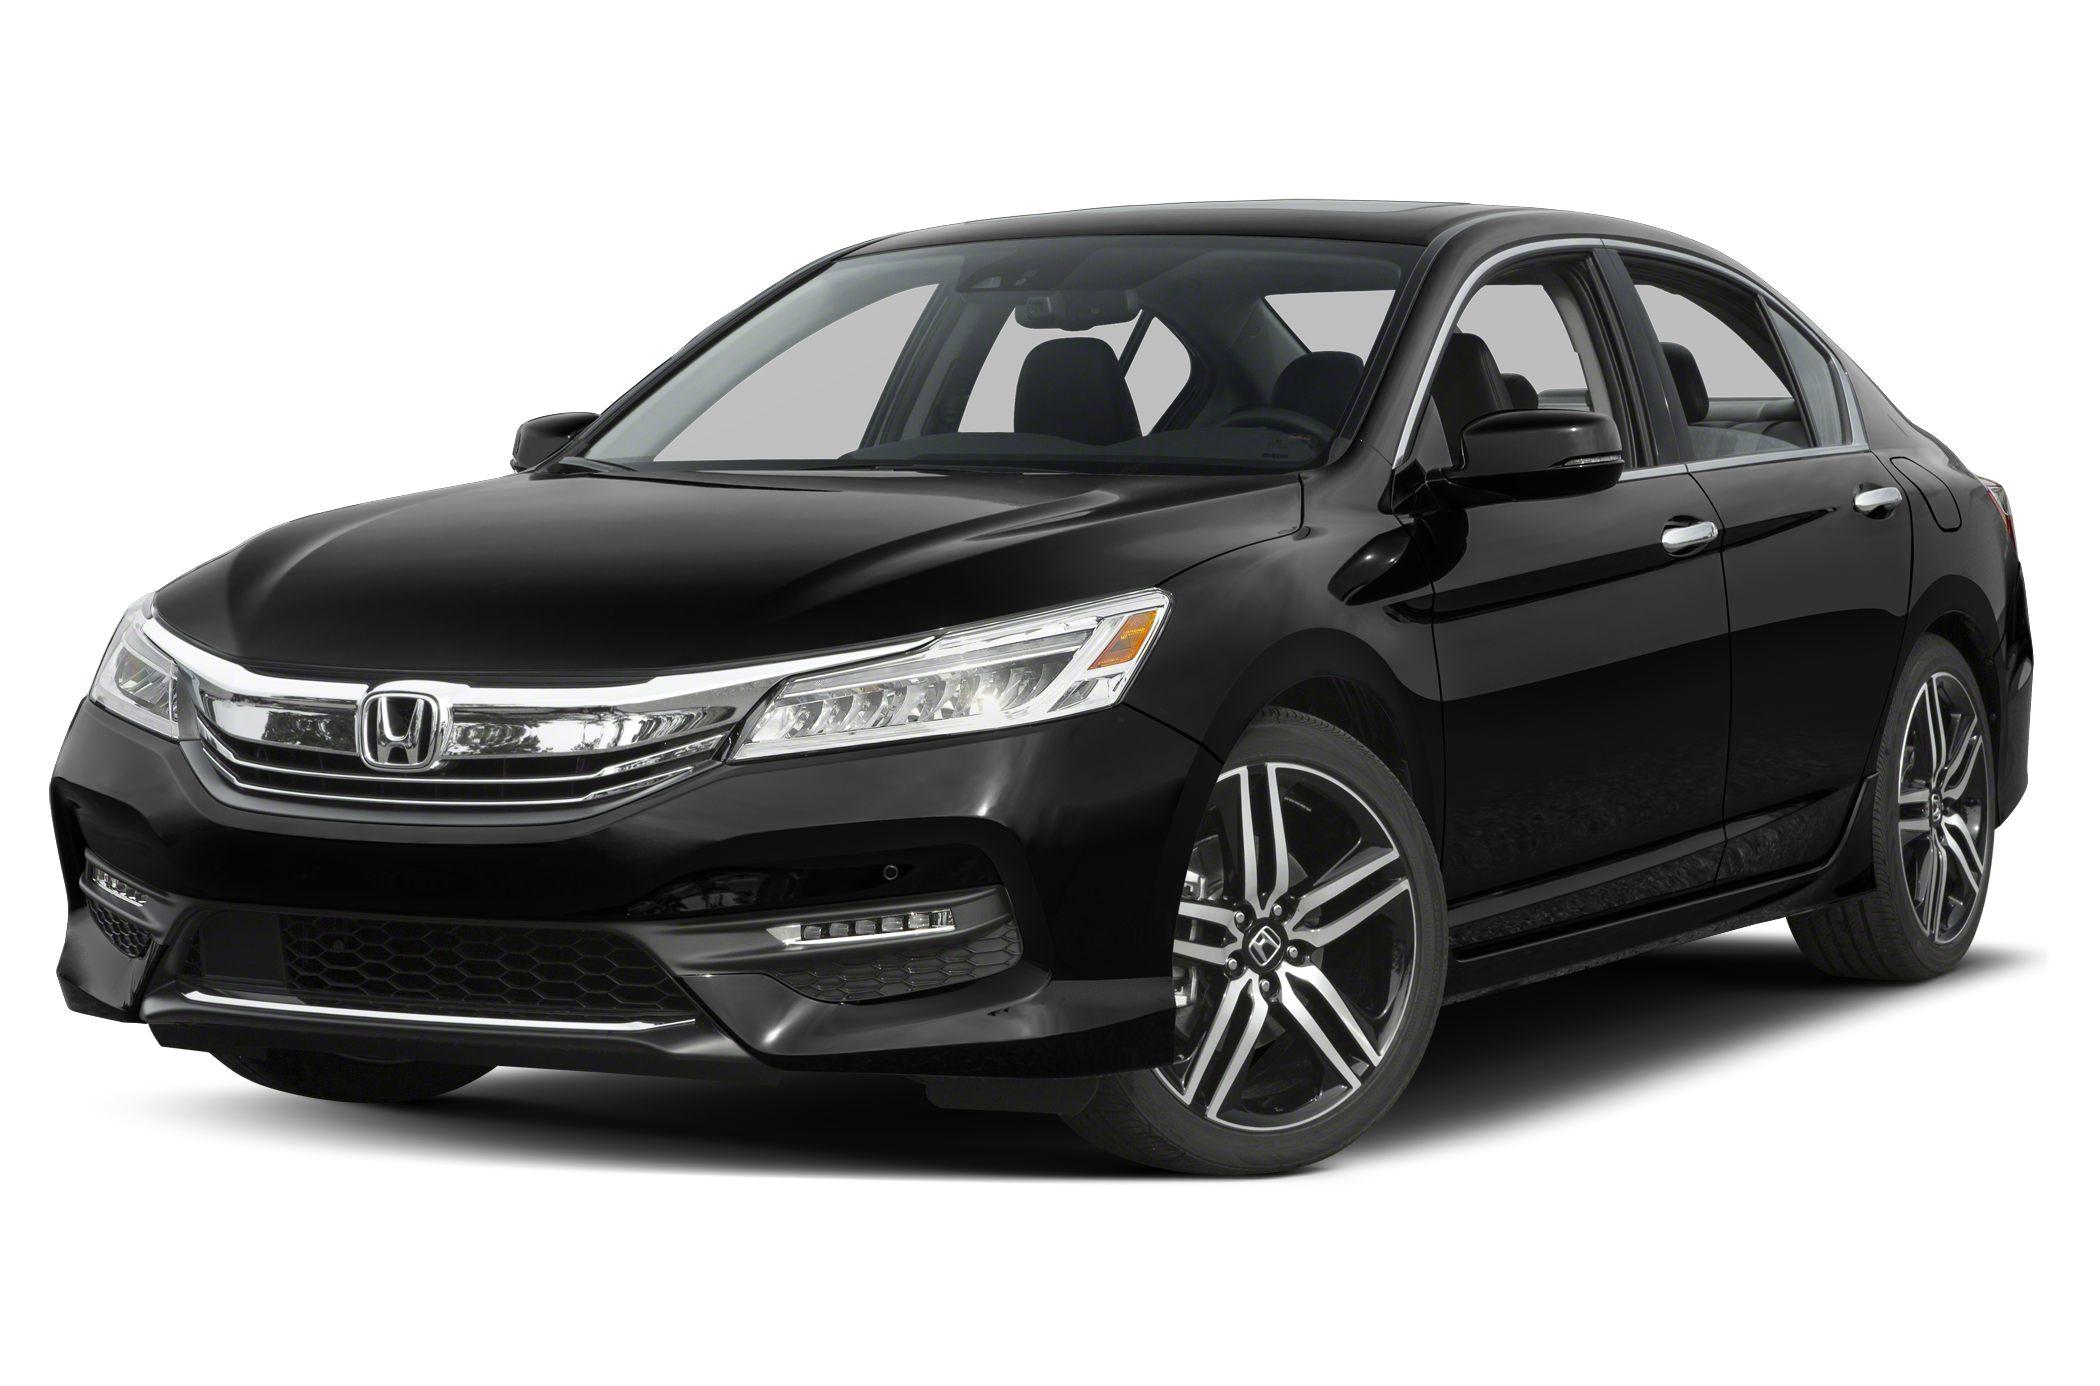 2017 Honda Accord Reviews Specs And Prices Cars Com